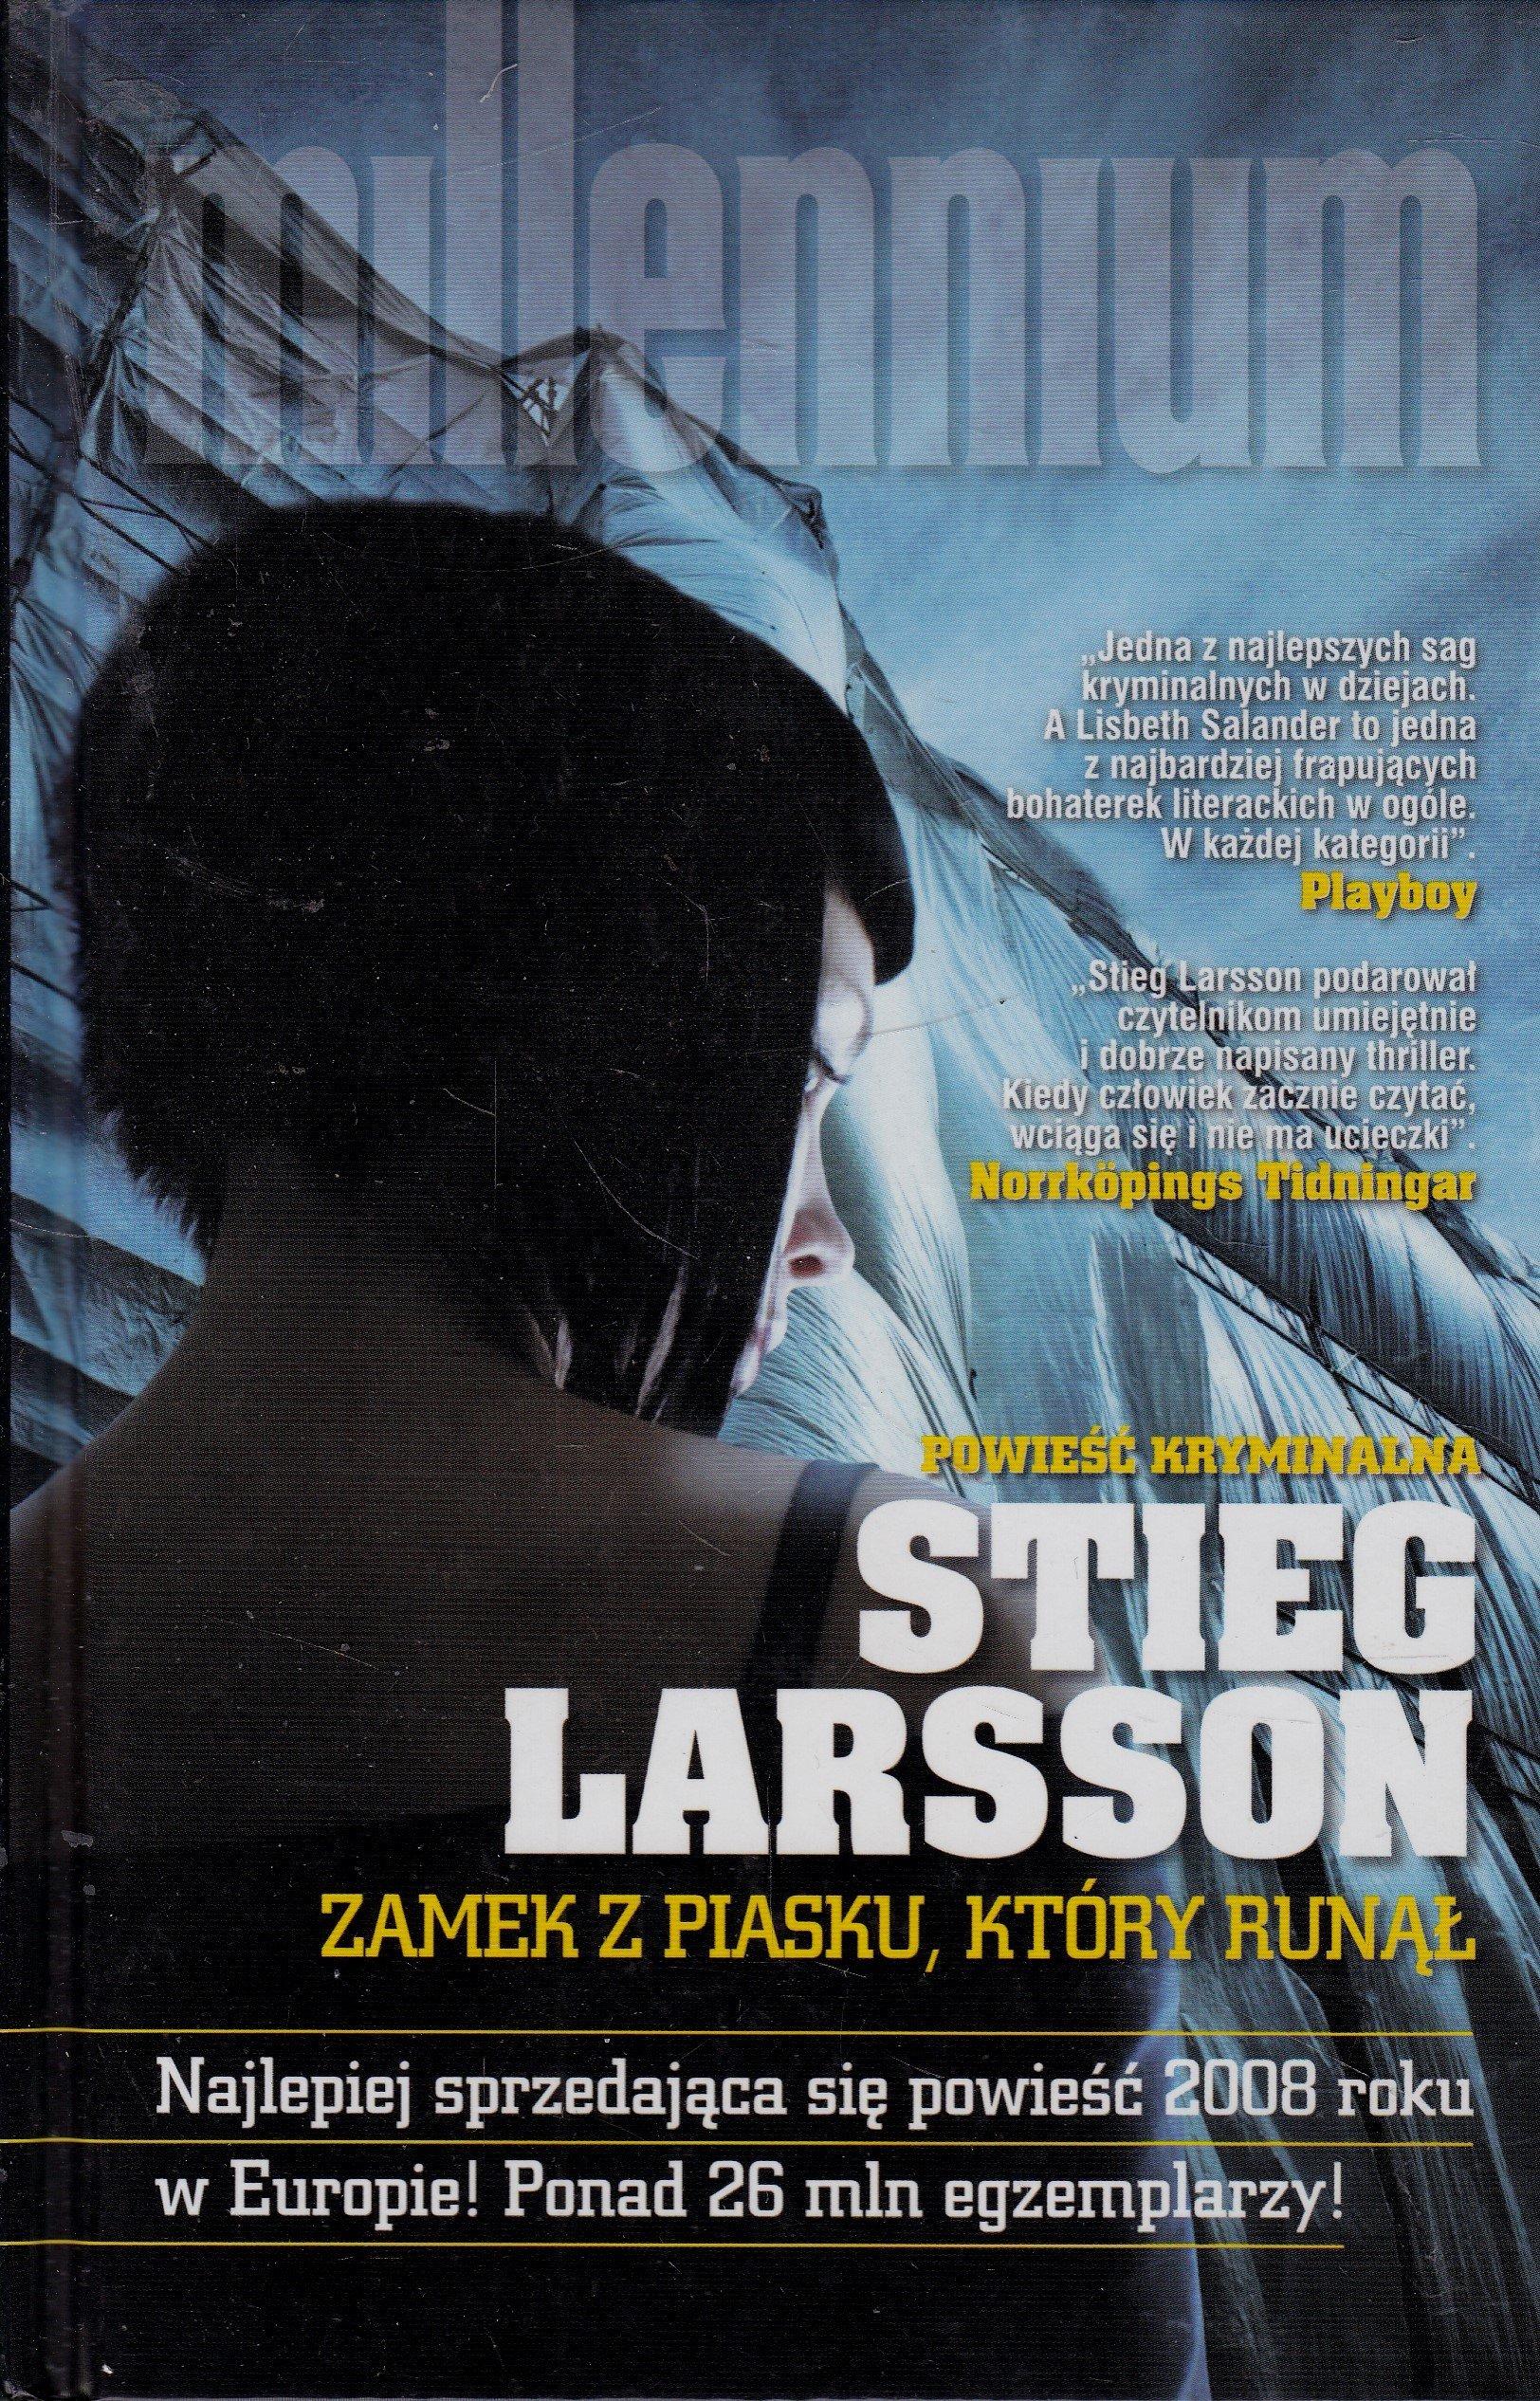 Zamek z piasku, który runął - Stieg Larsson